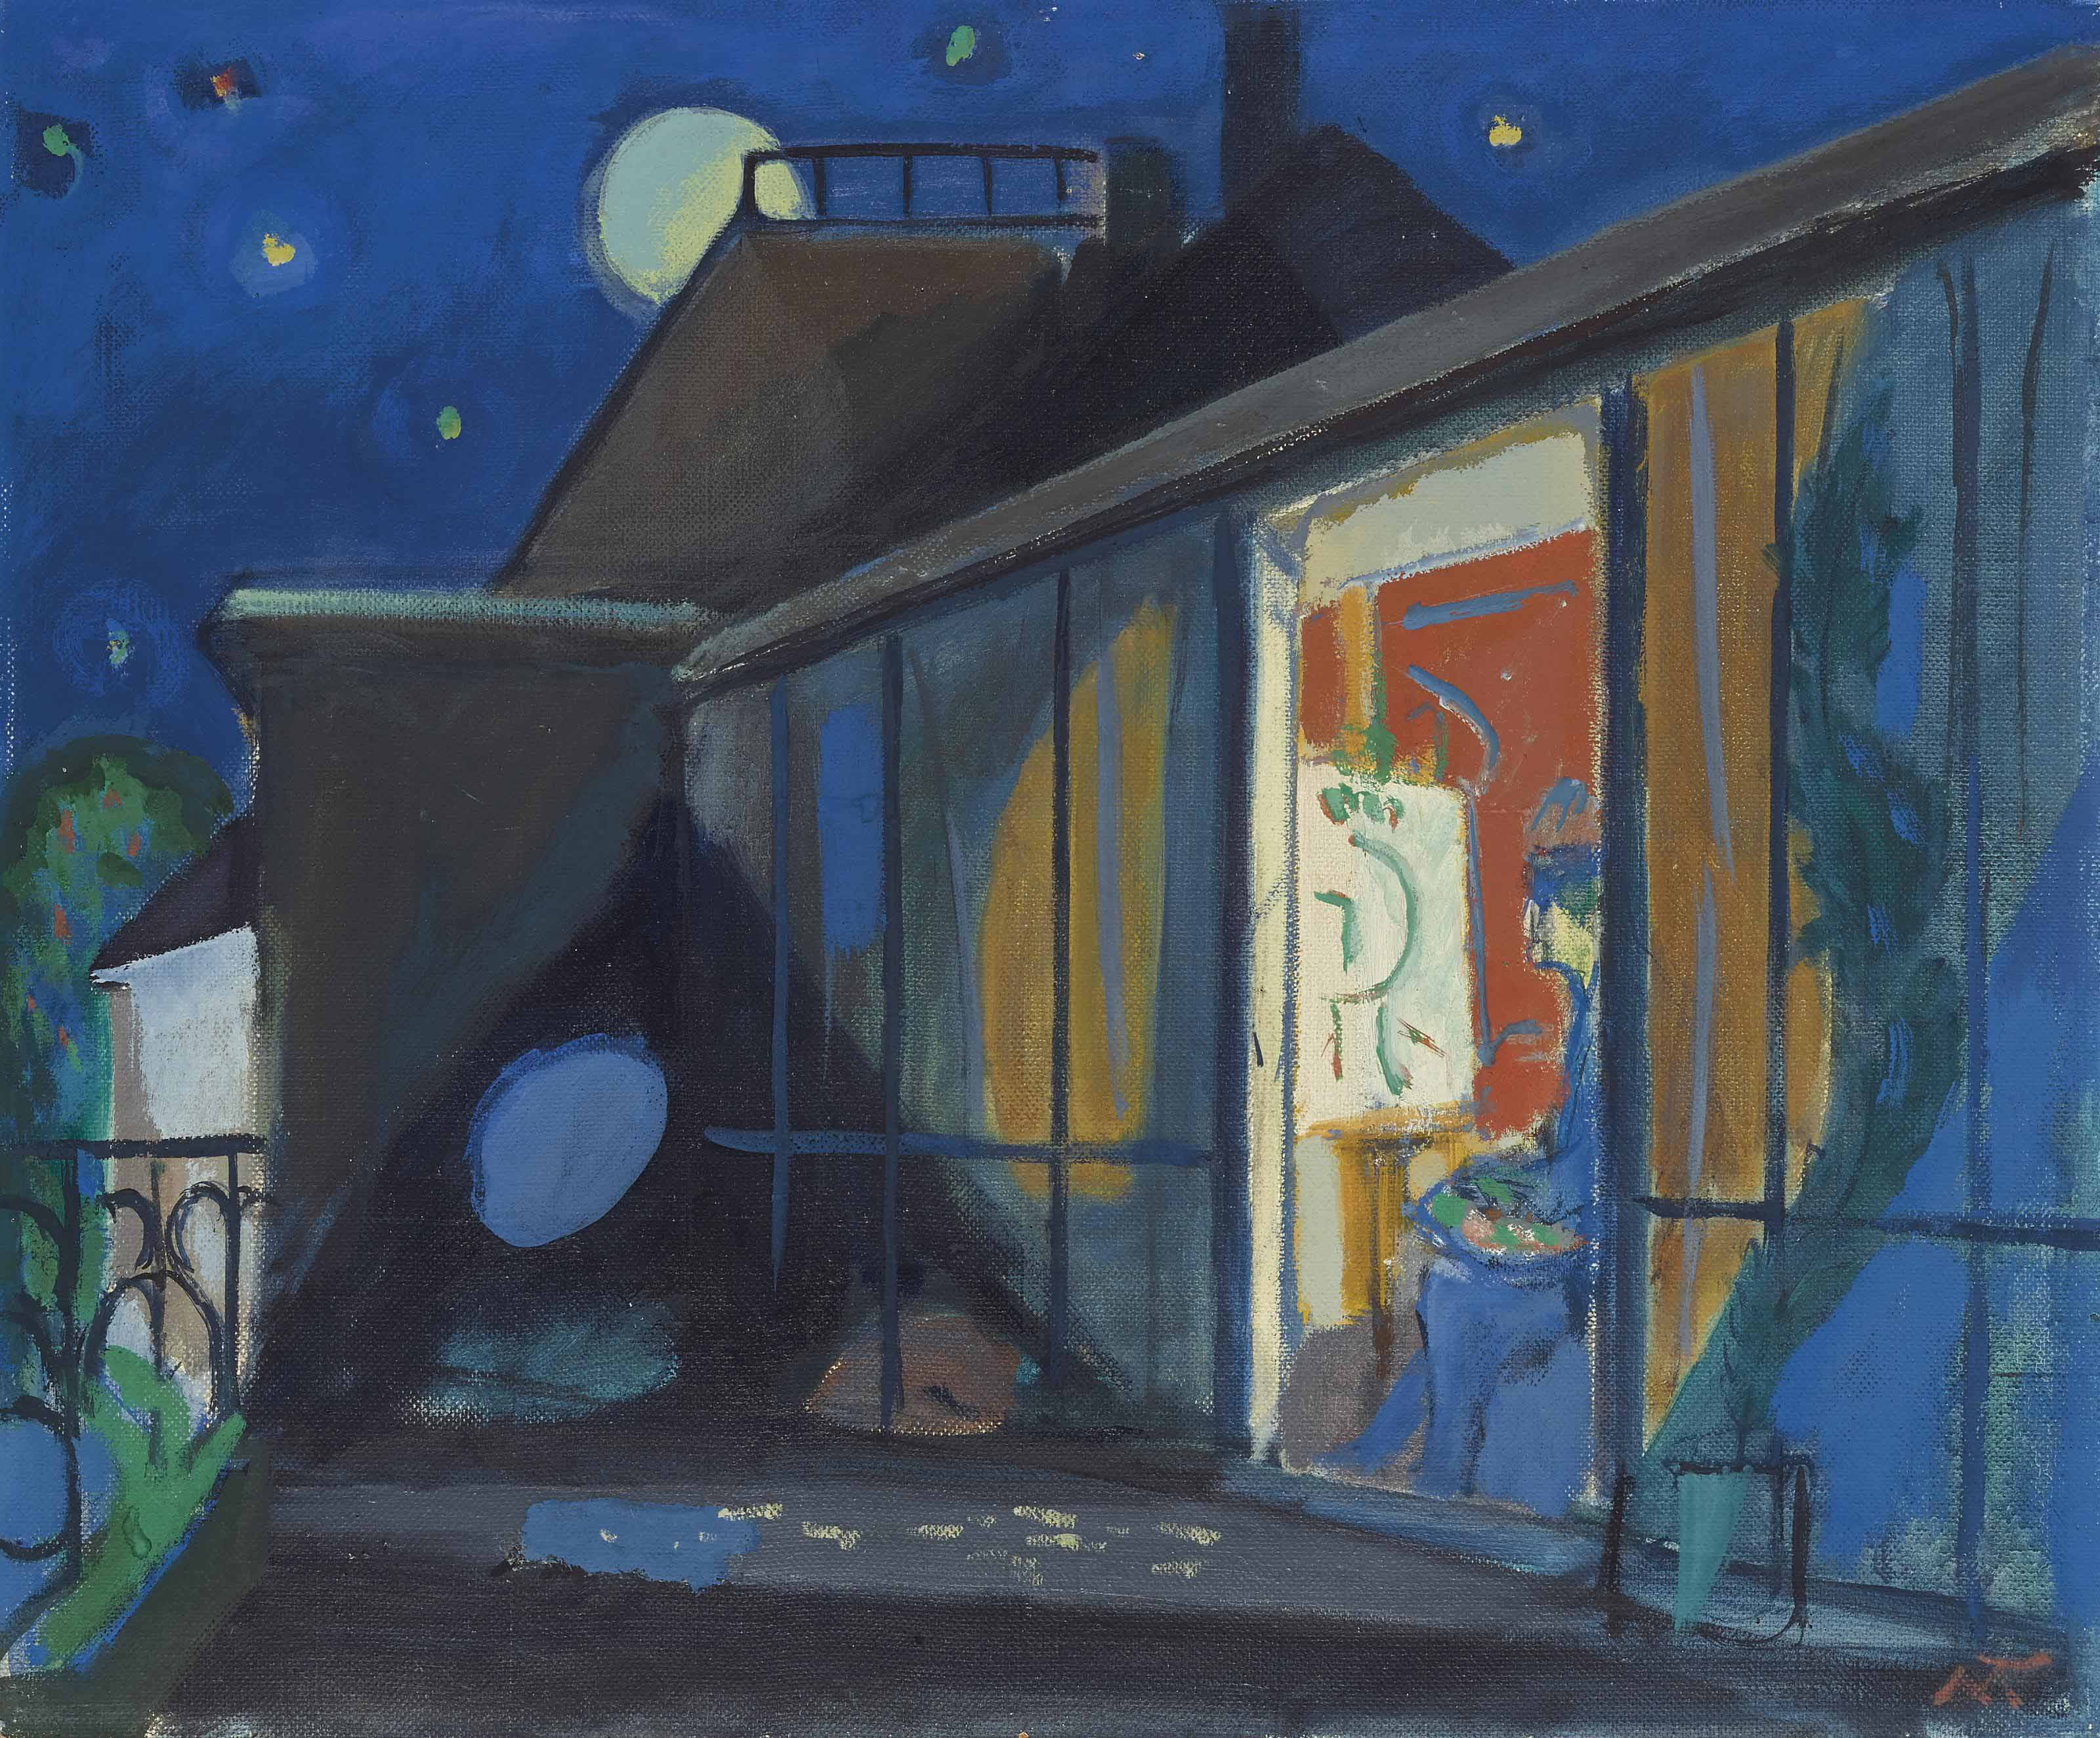 Maler-Atelier bei Vollmond, um 1955